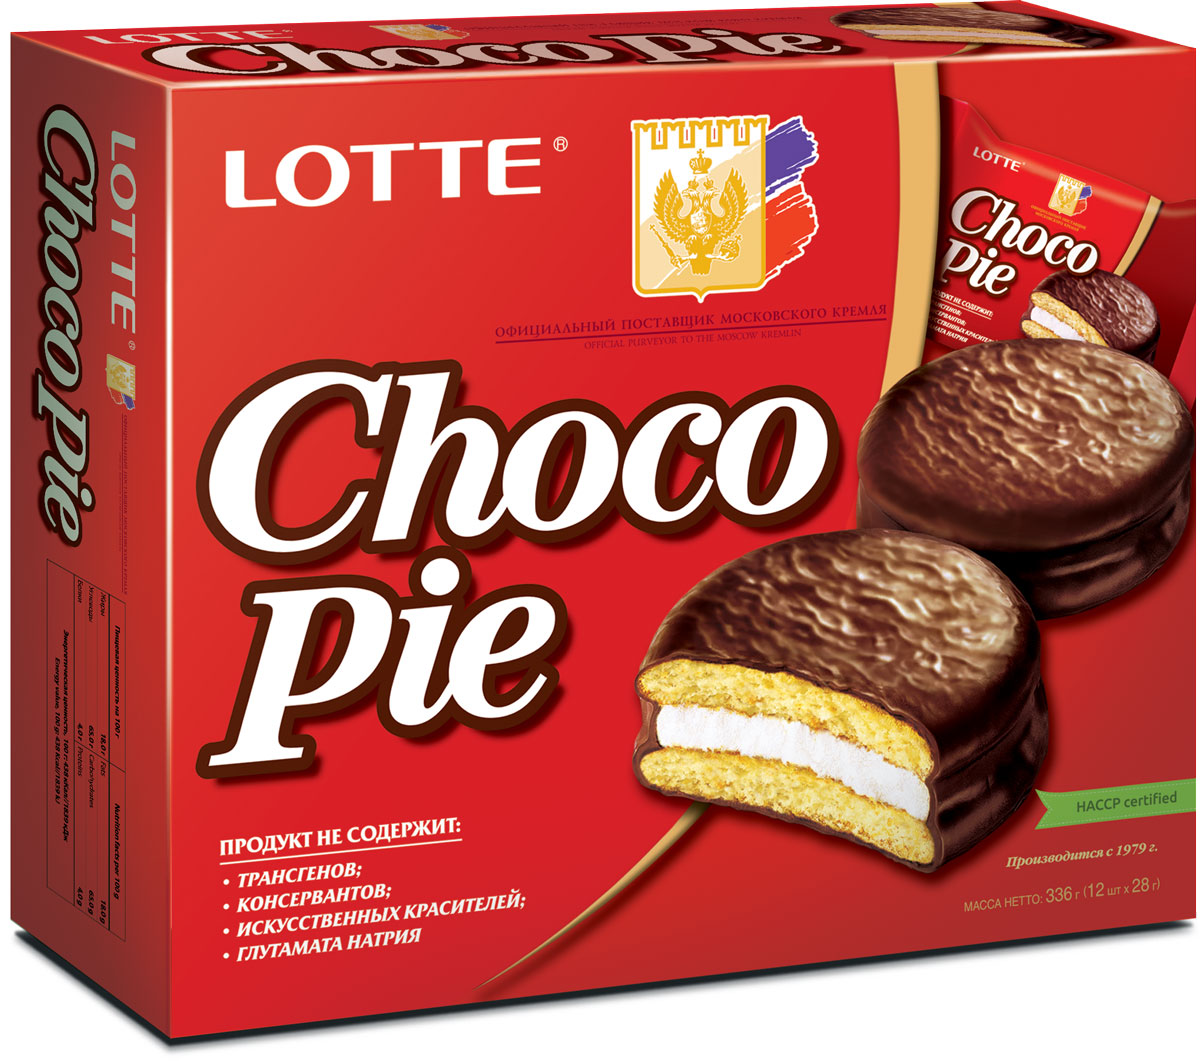 Lotte Choco Pie печенье прослоенное глазированное, 336 г